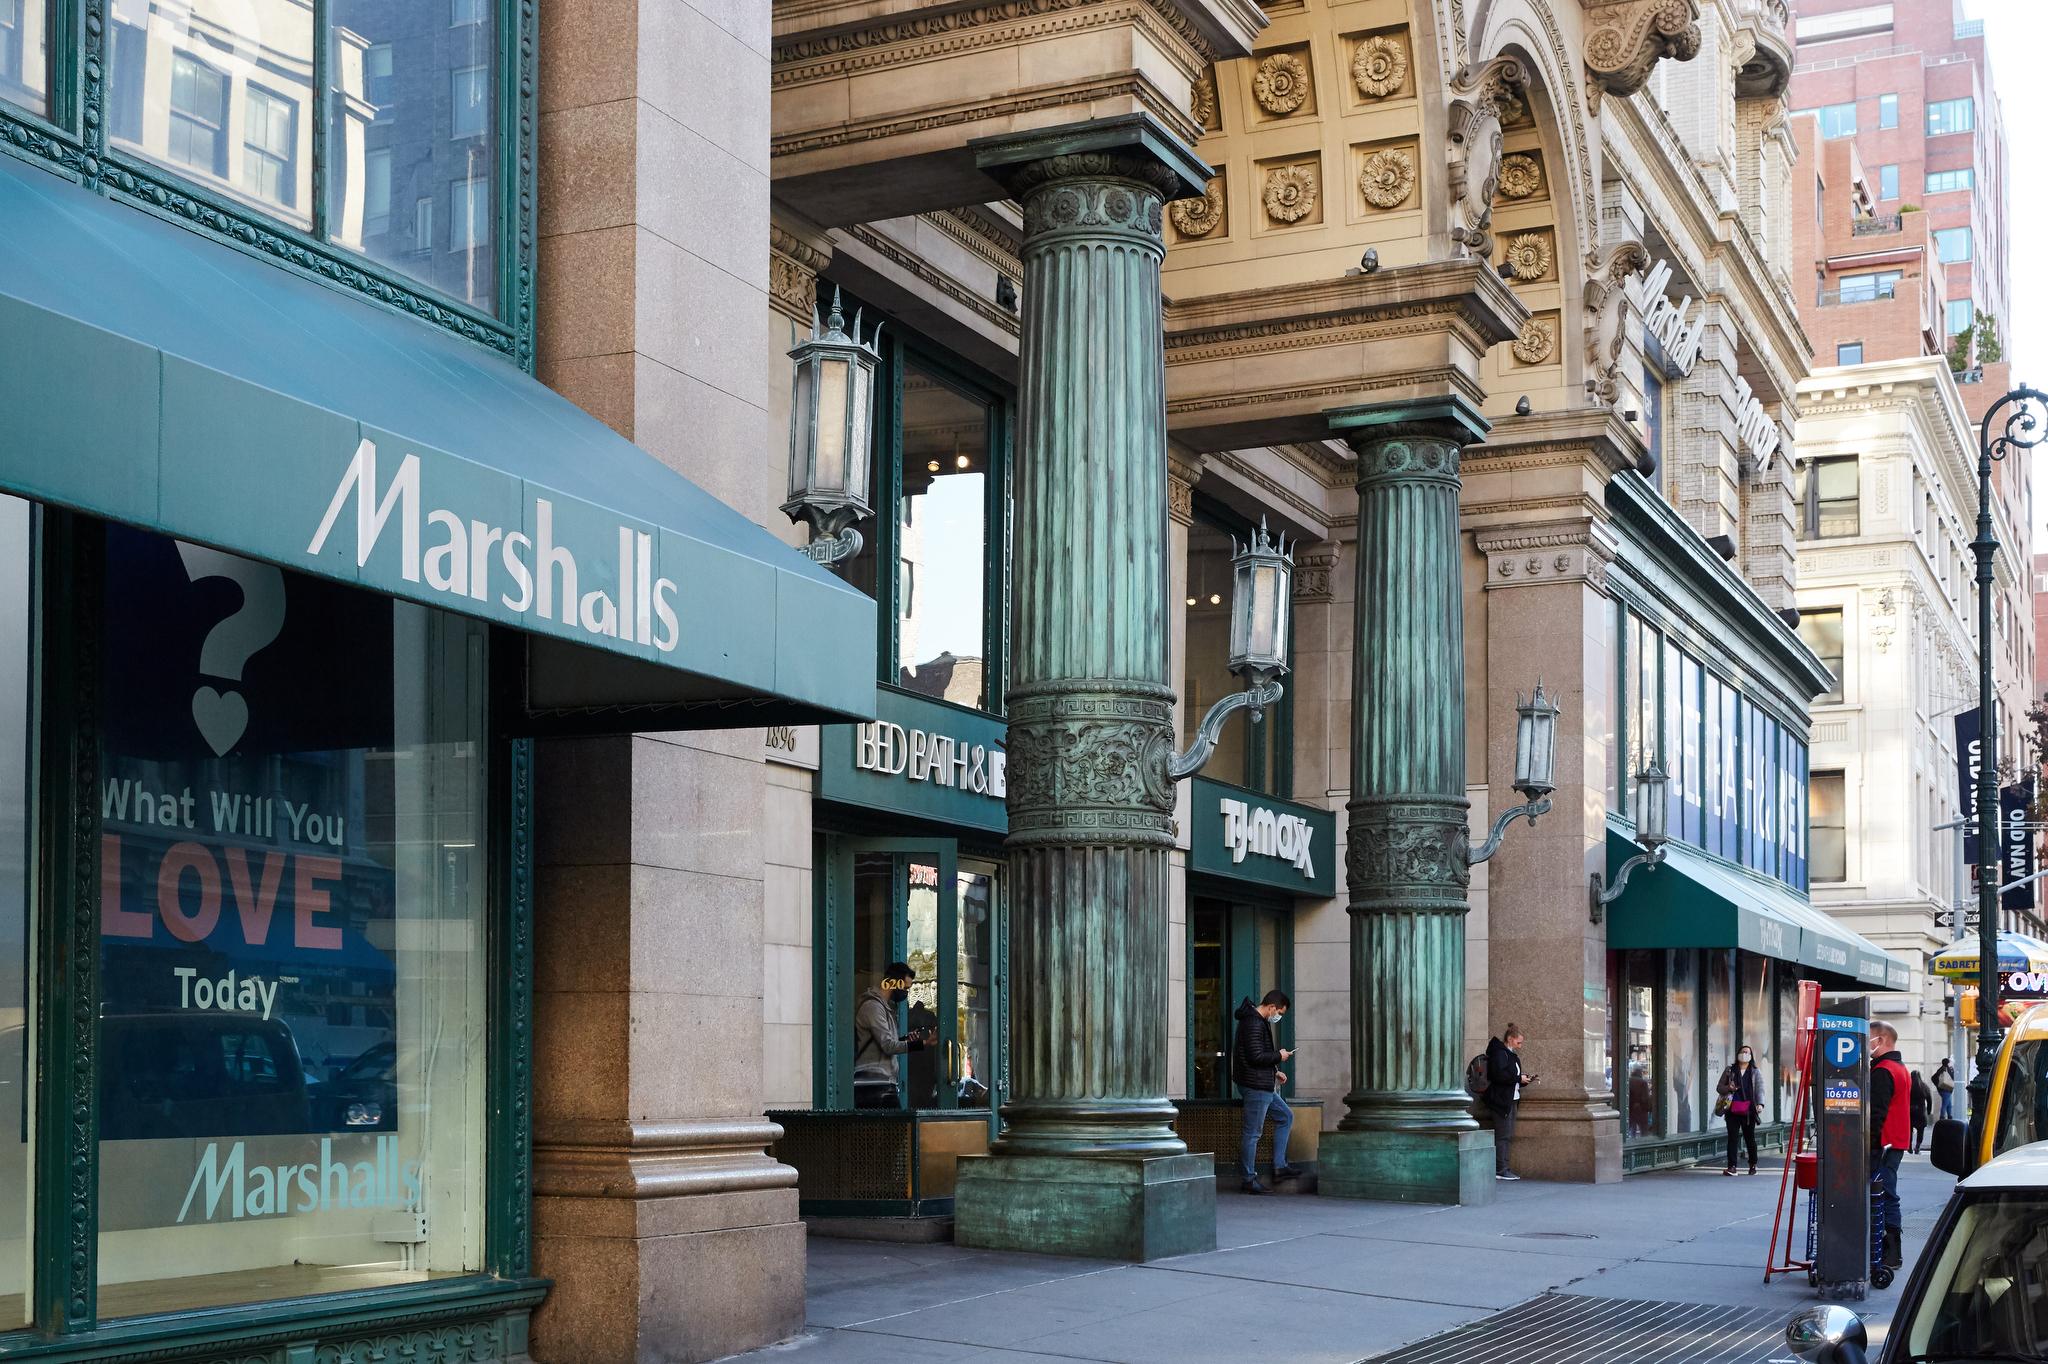 TJMaxx و مارشالز در سال 2020 در شهر نیویورک.